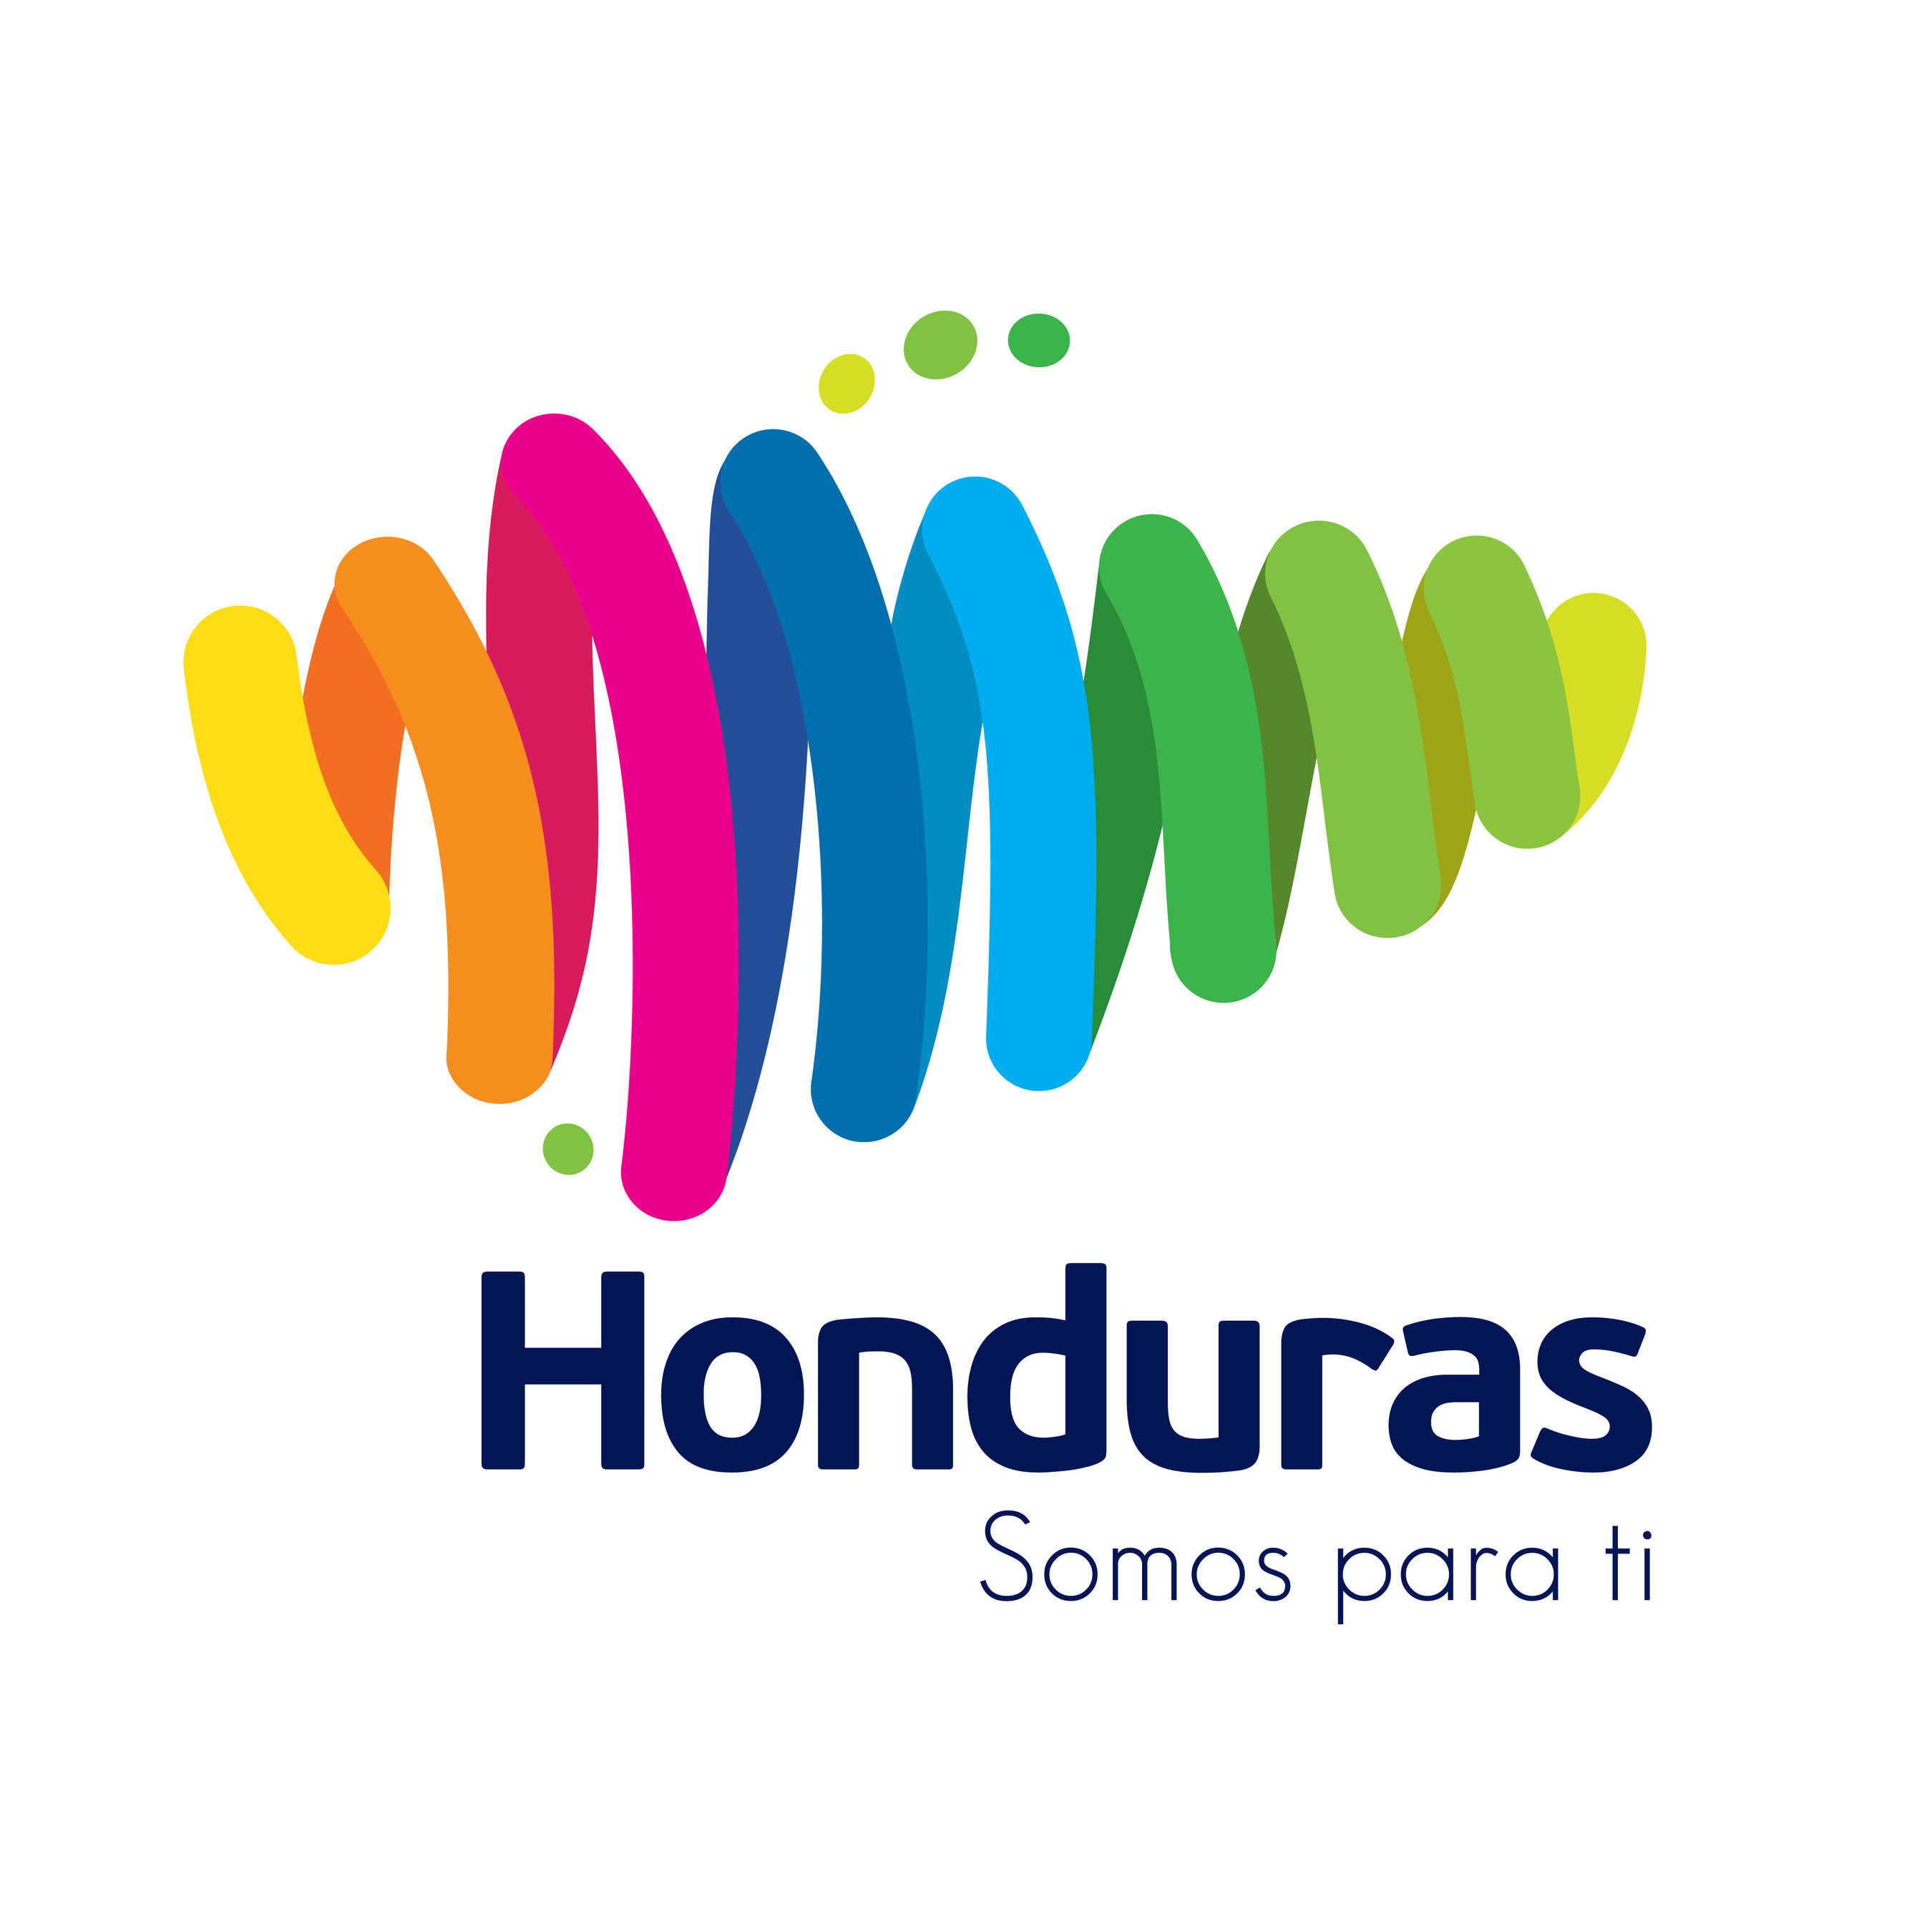 """Honduras official country brand logo. """"Honduras: Somos para ti"""" (Honduras: We are for you) (PRNewsFoto/Honduras)"""